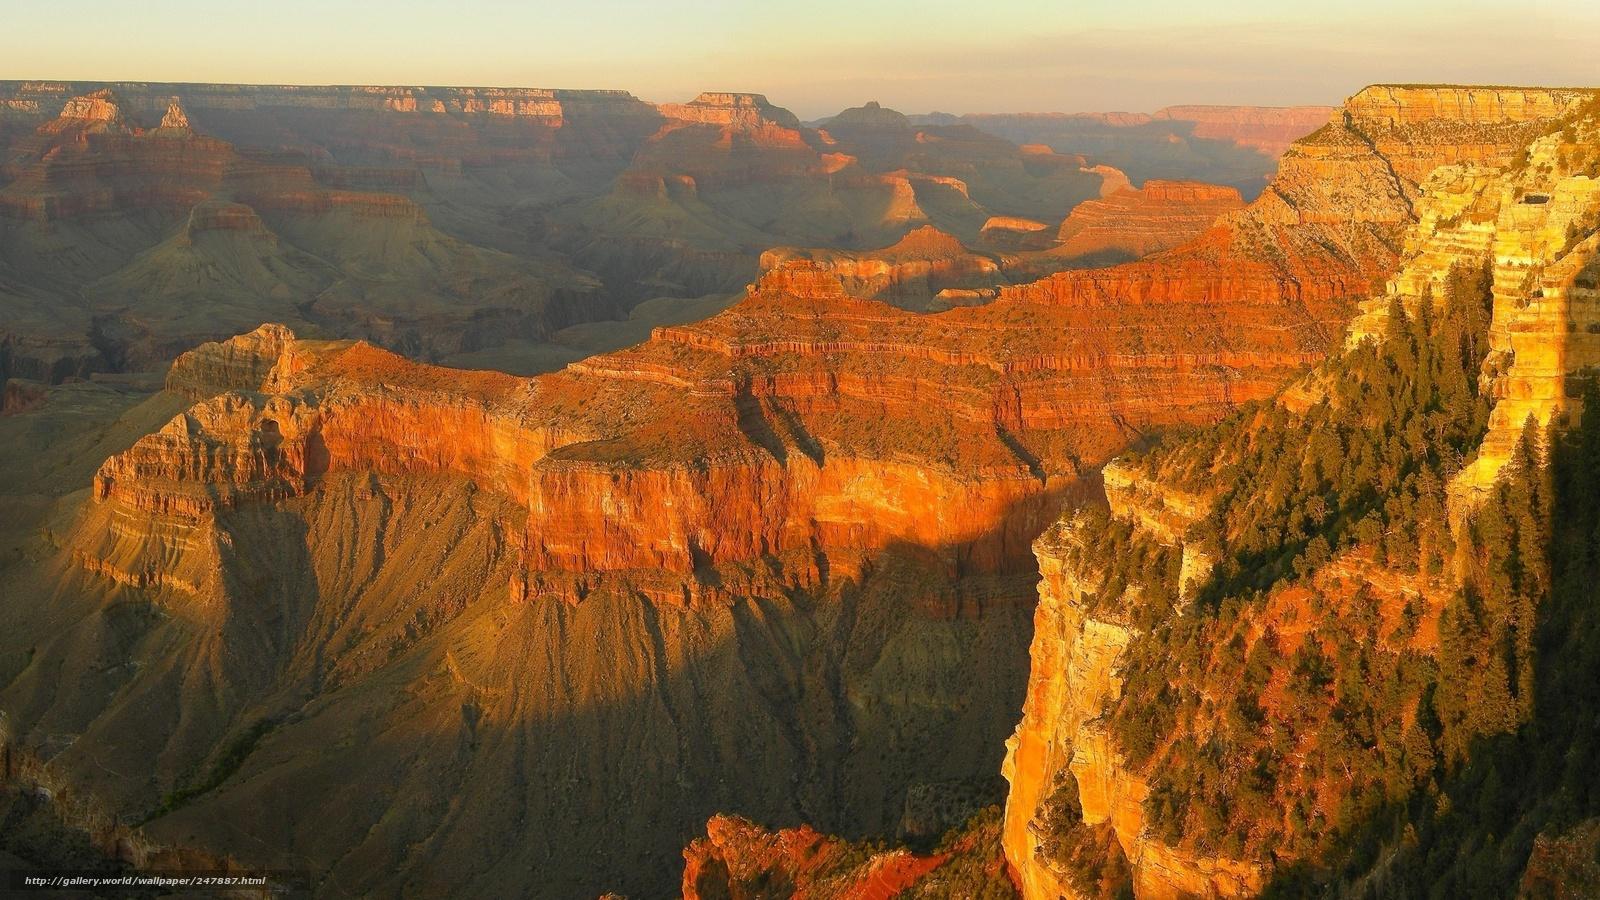 Tlcharger Fond d'ecran Le Grand Canyon, grand canyon, Arizona Fonds d'ecran gratuits pour votre ...